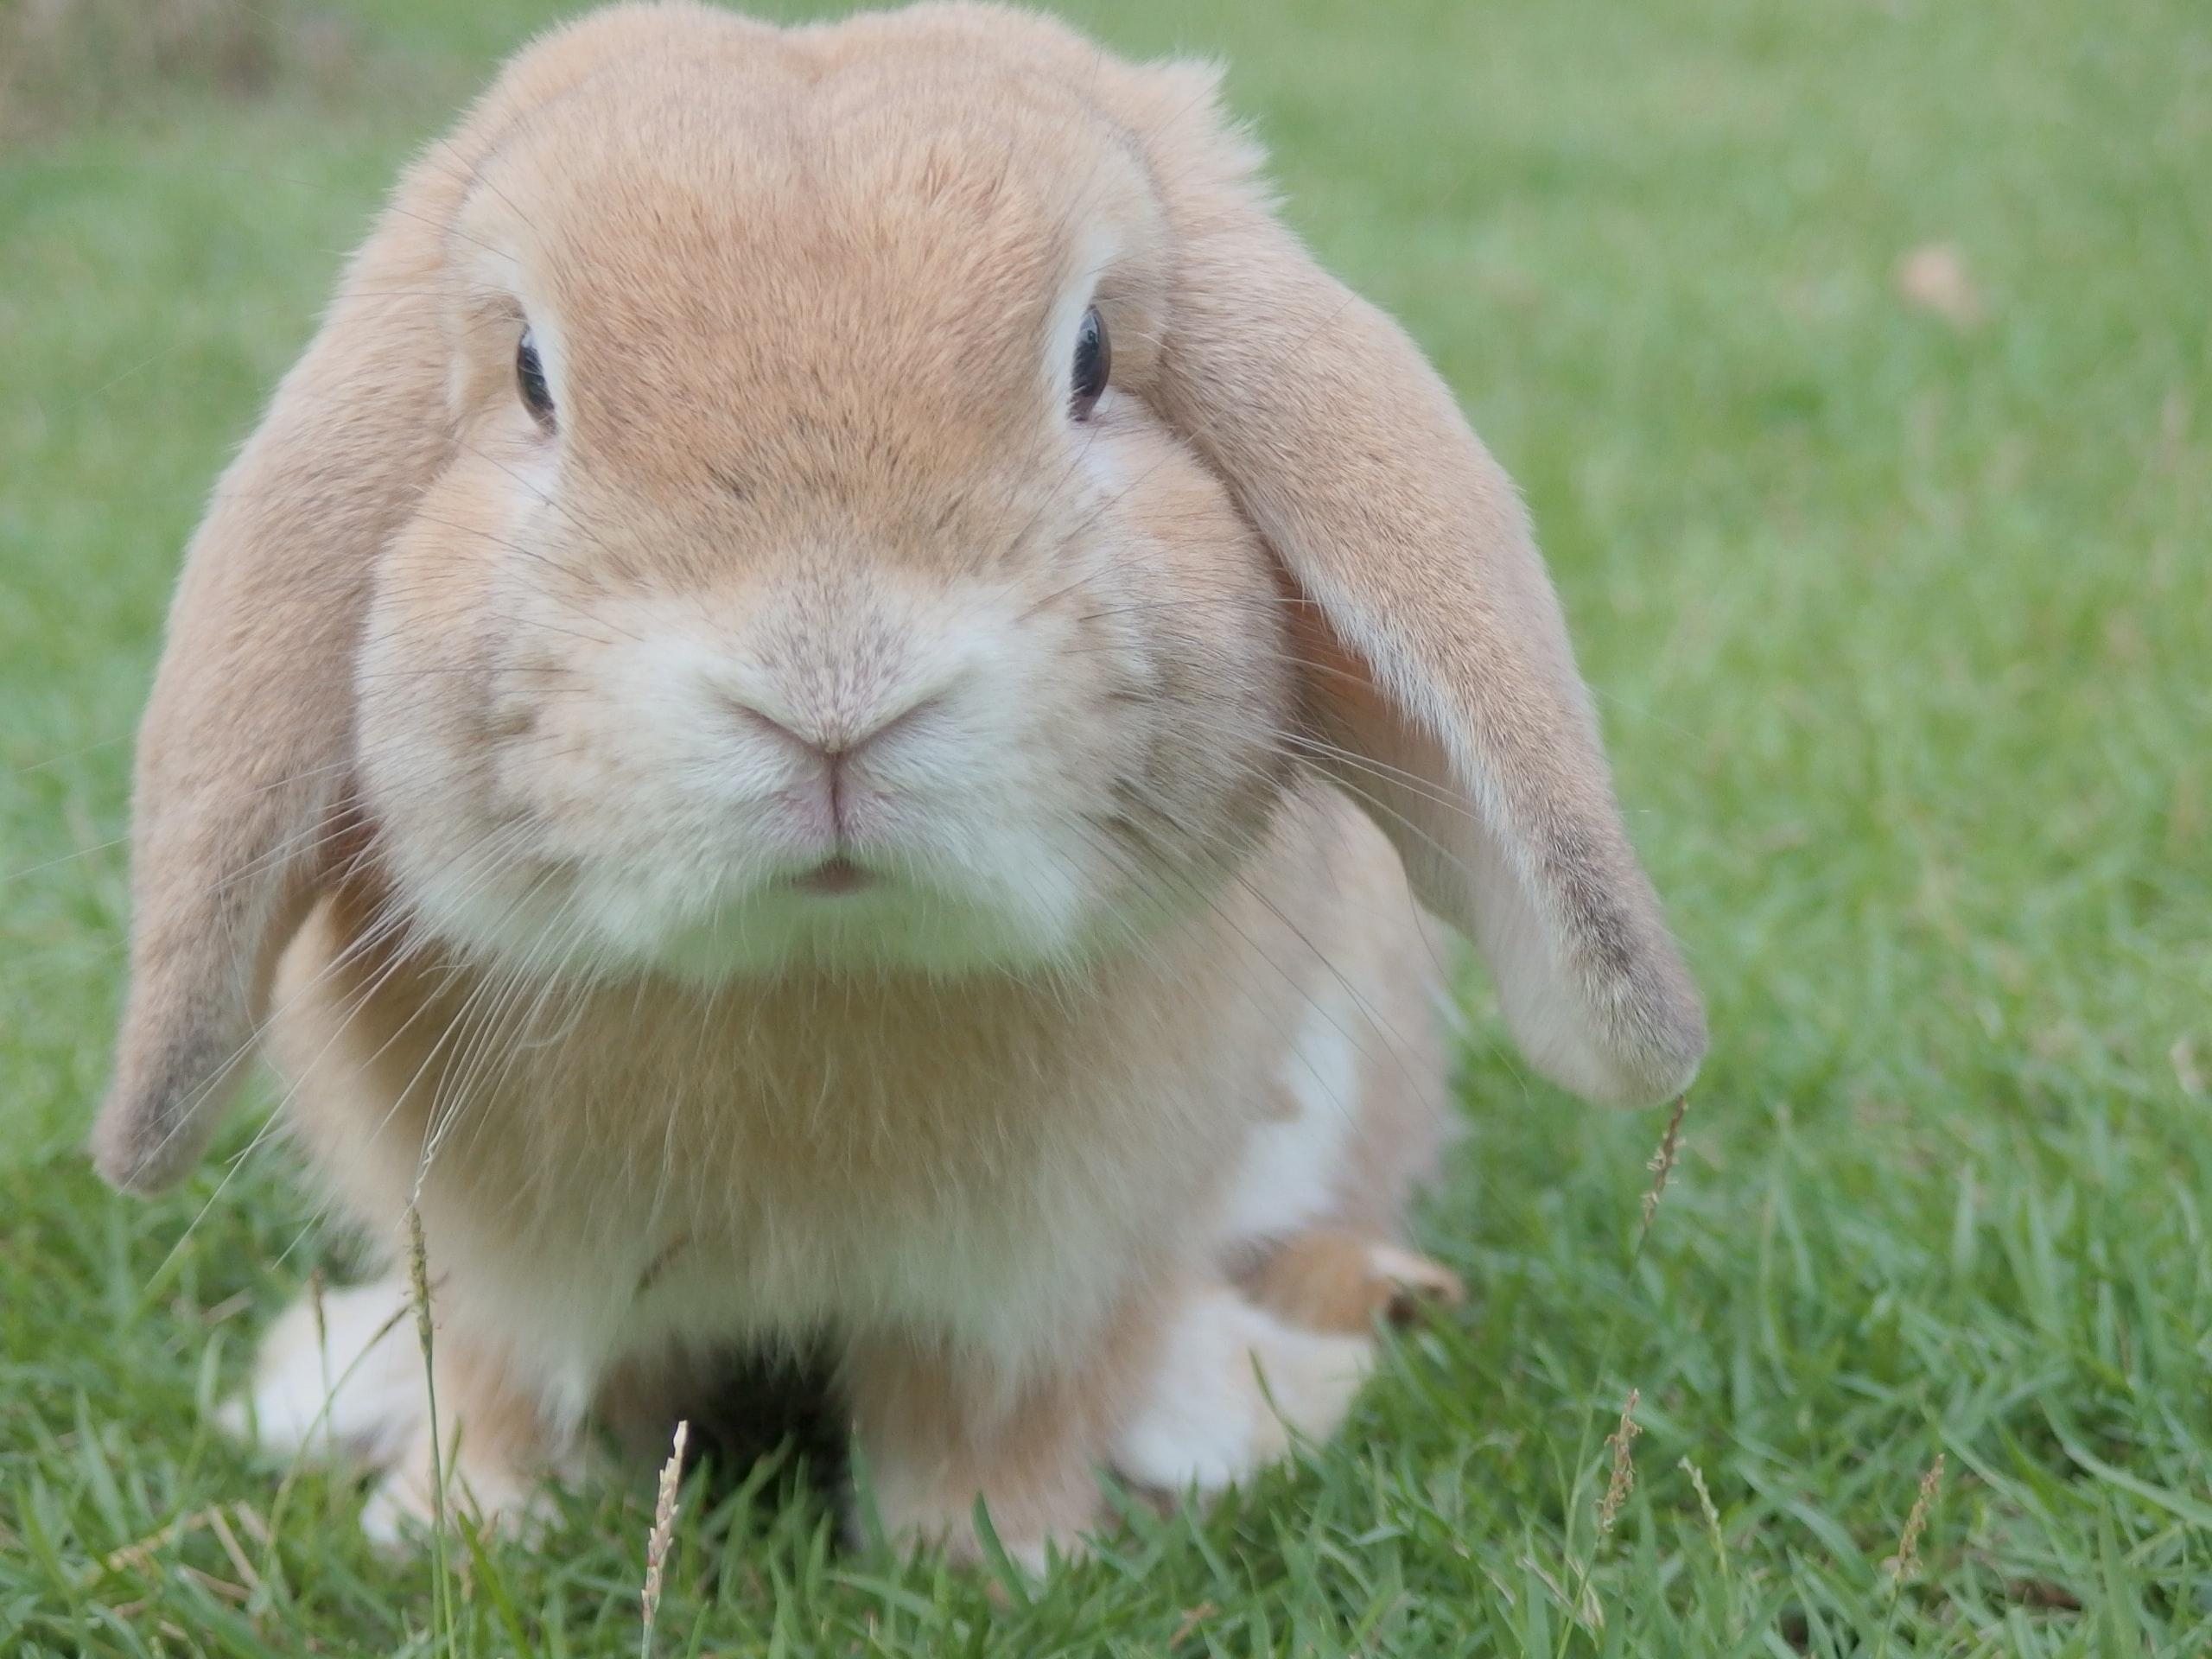 化粧品での動物実験を減らすために 「3R」「クルエルティフリー」の概念と国内外での対応